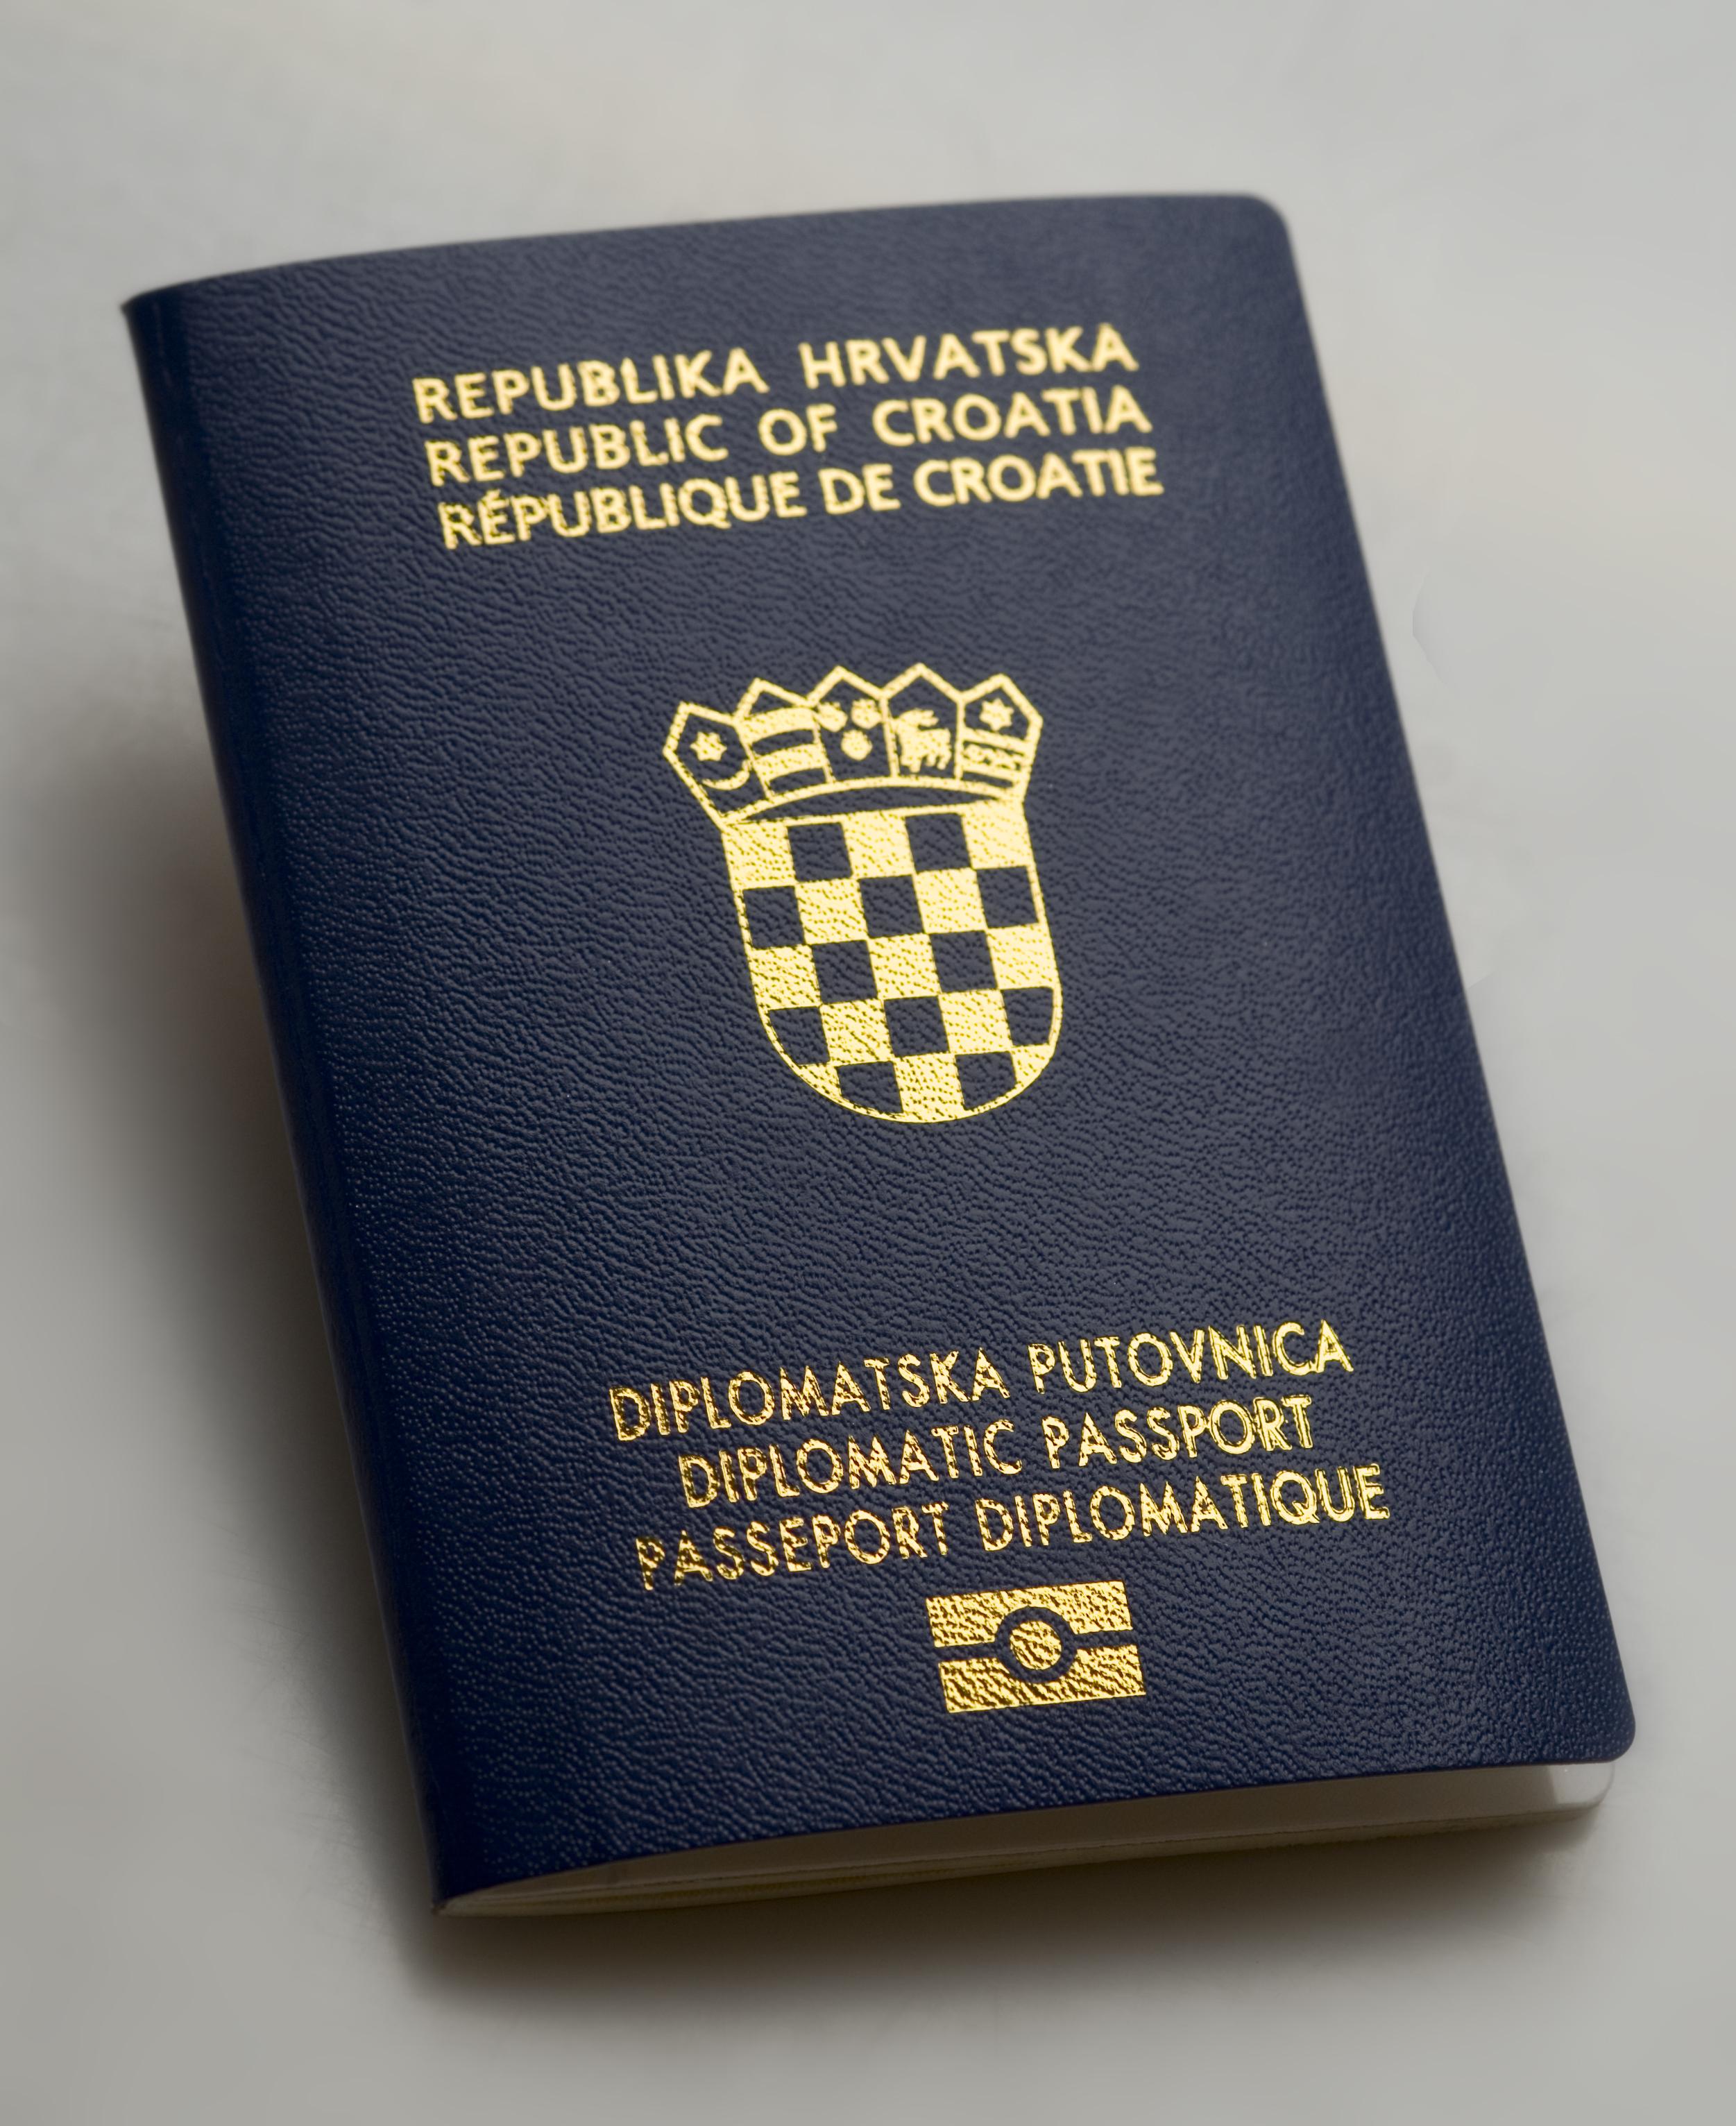 putovnica2-161208